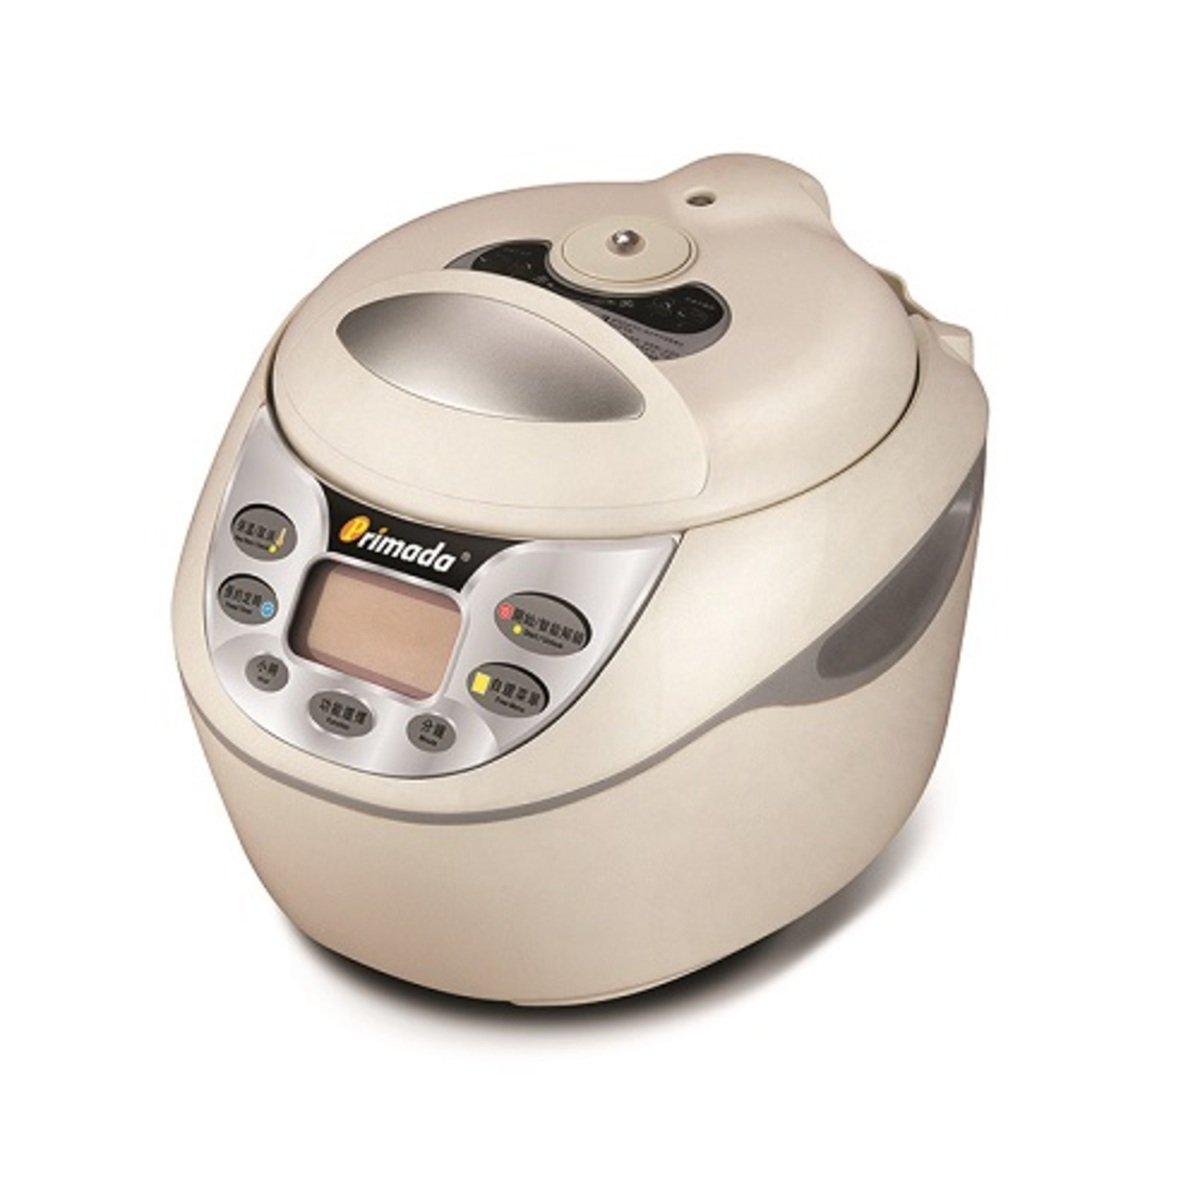 PC-5610 煲至尊